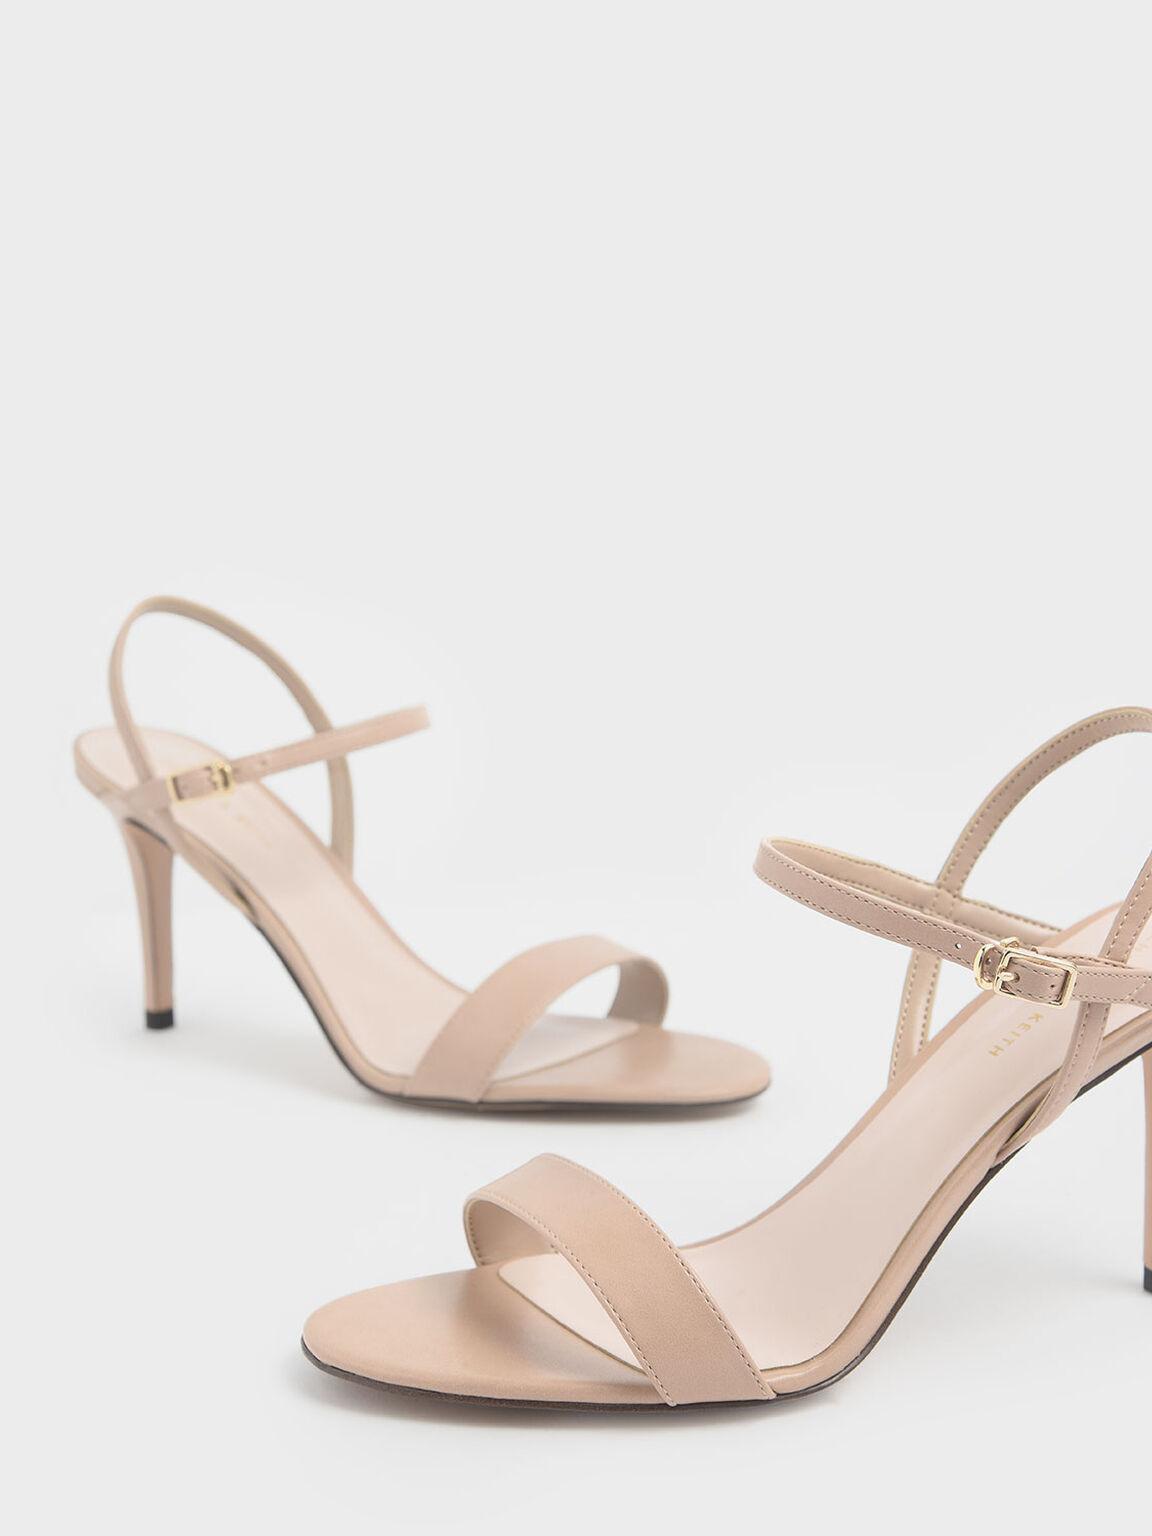 Classic Stiletto Heel Sandals, Nude, hi-res